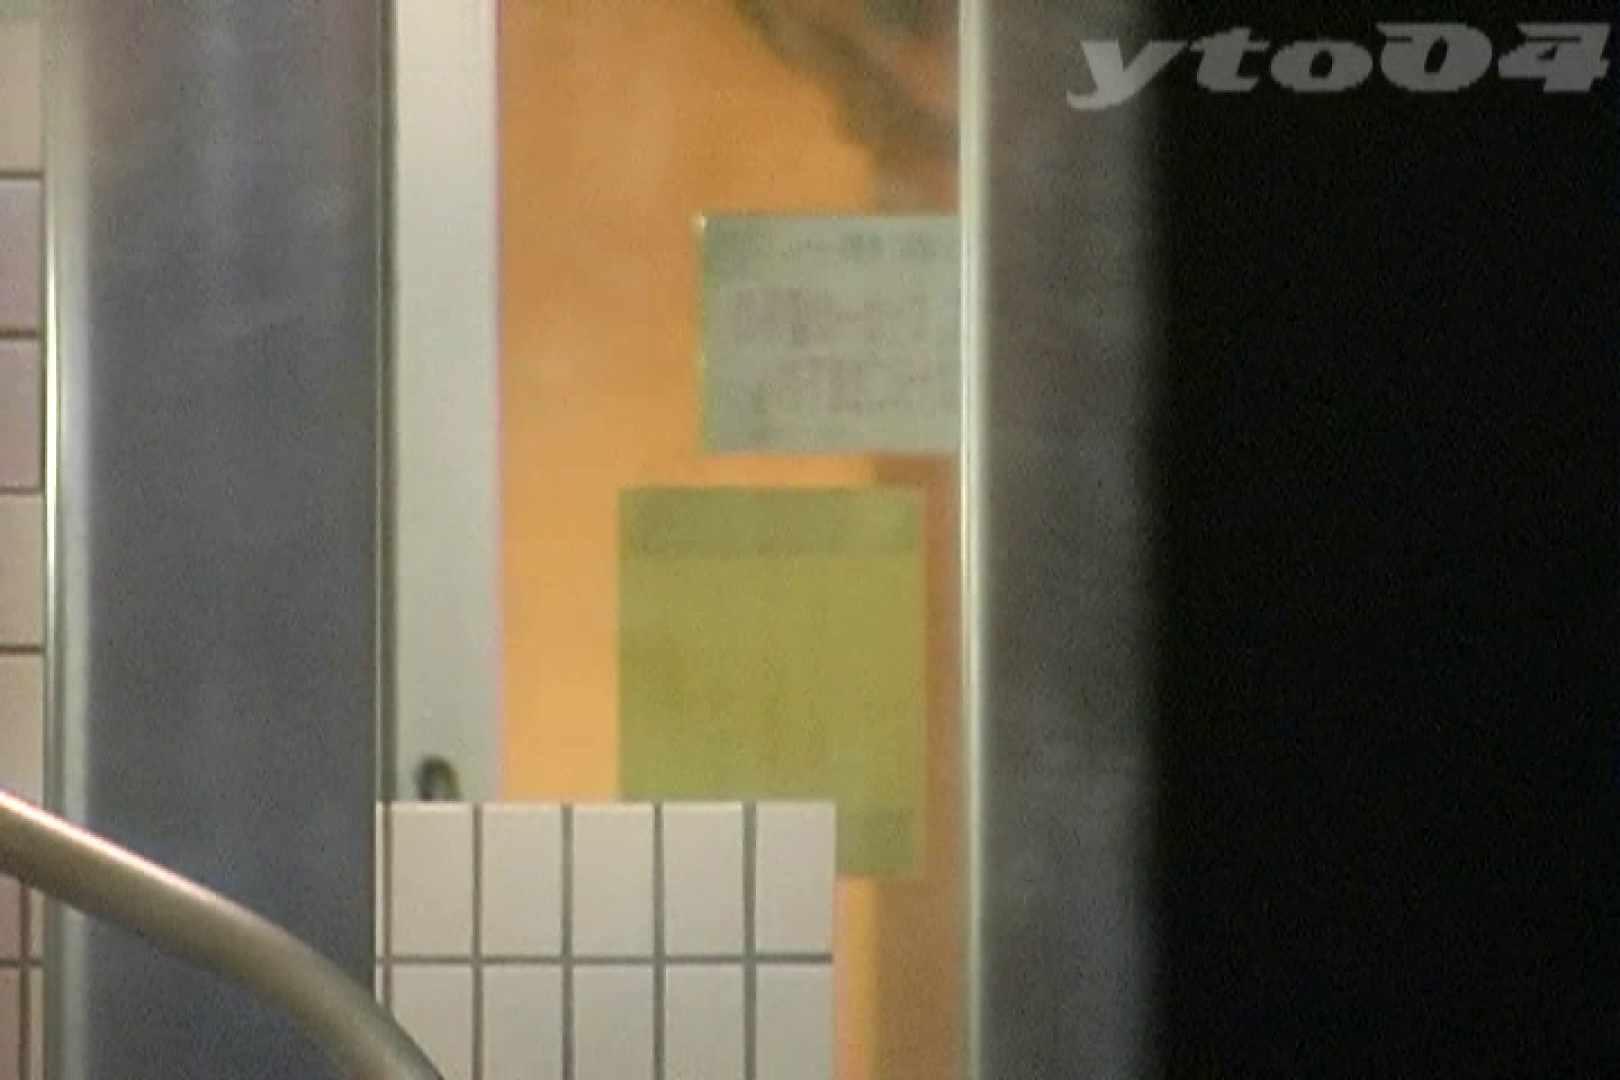 ▲復活限定▲合宿ホテル女風呂盗撮 Vol.24 ホテルでエッチ AV無料動画キャプチャ 74画像 53